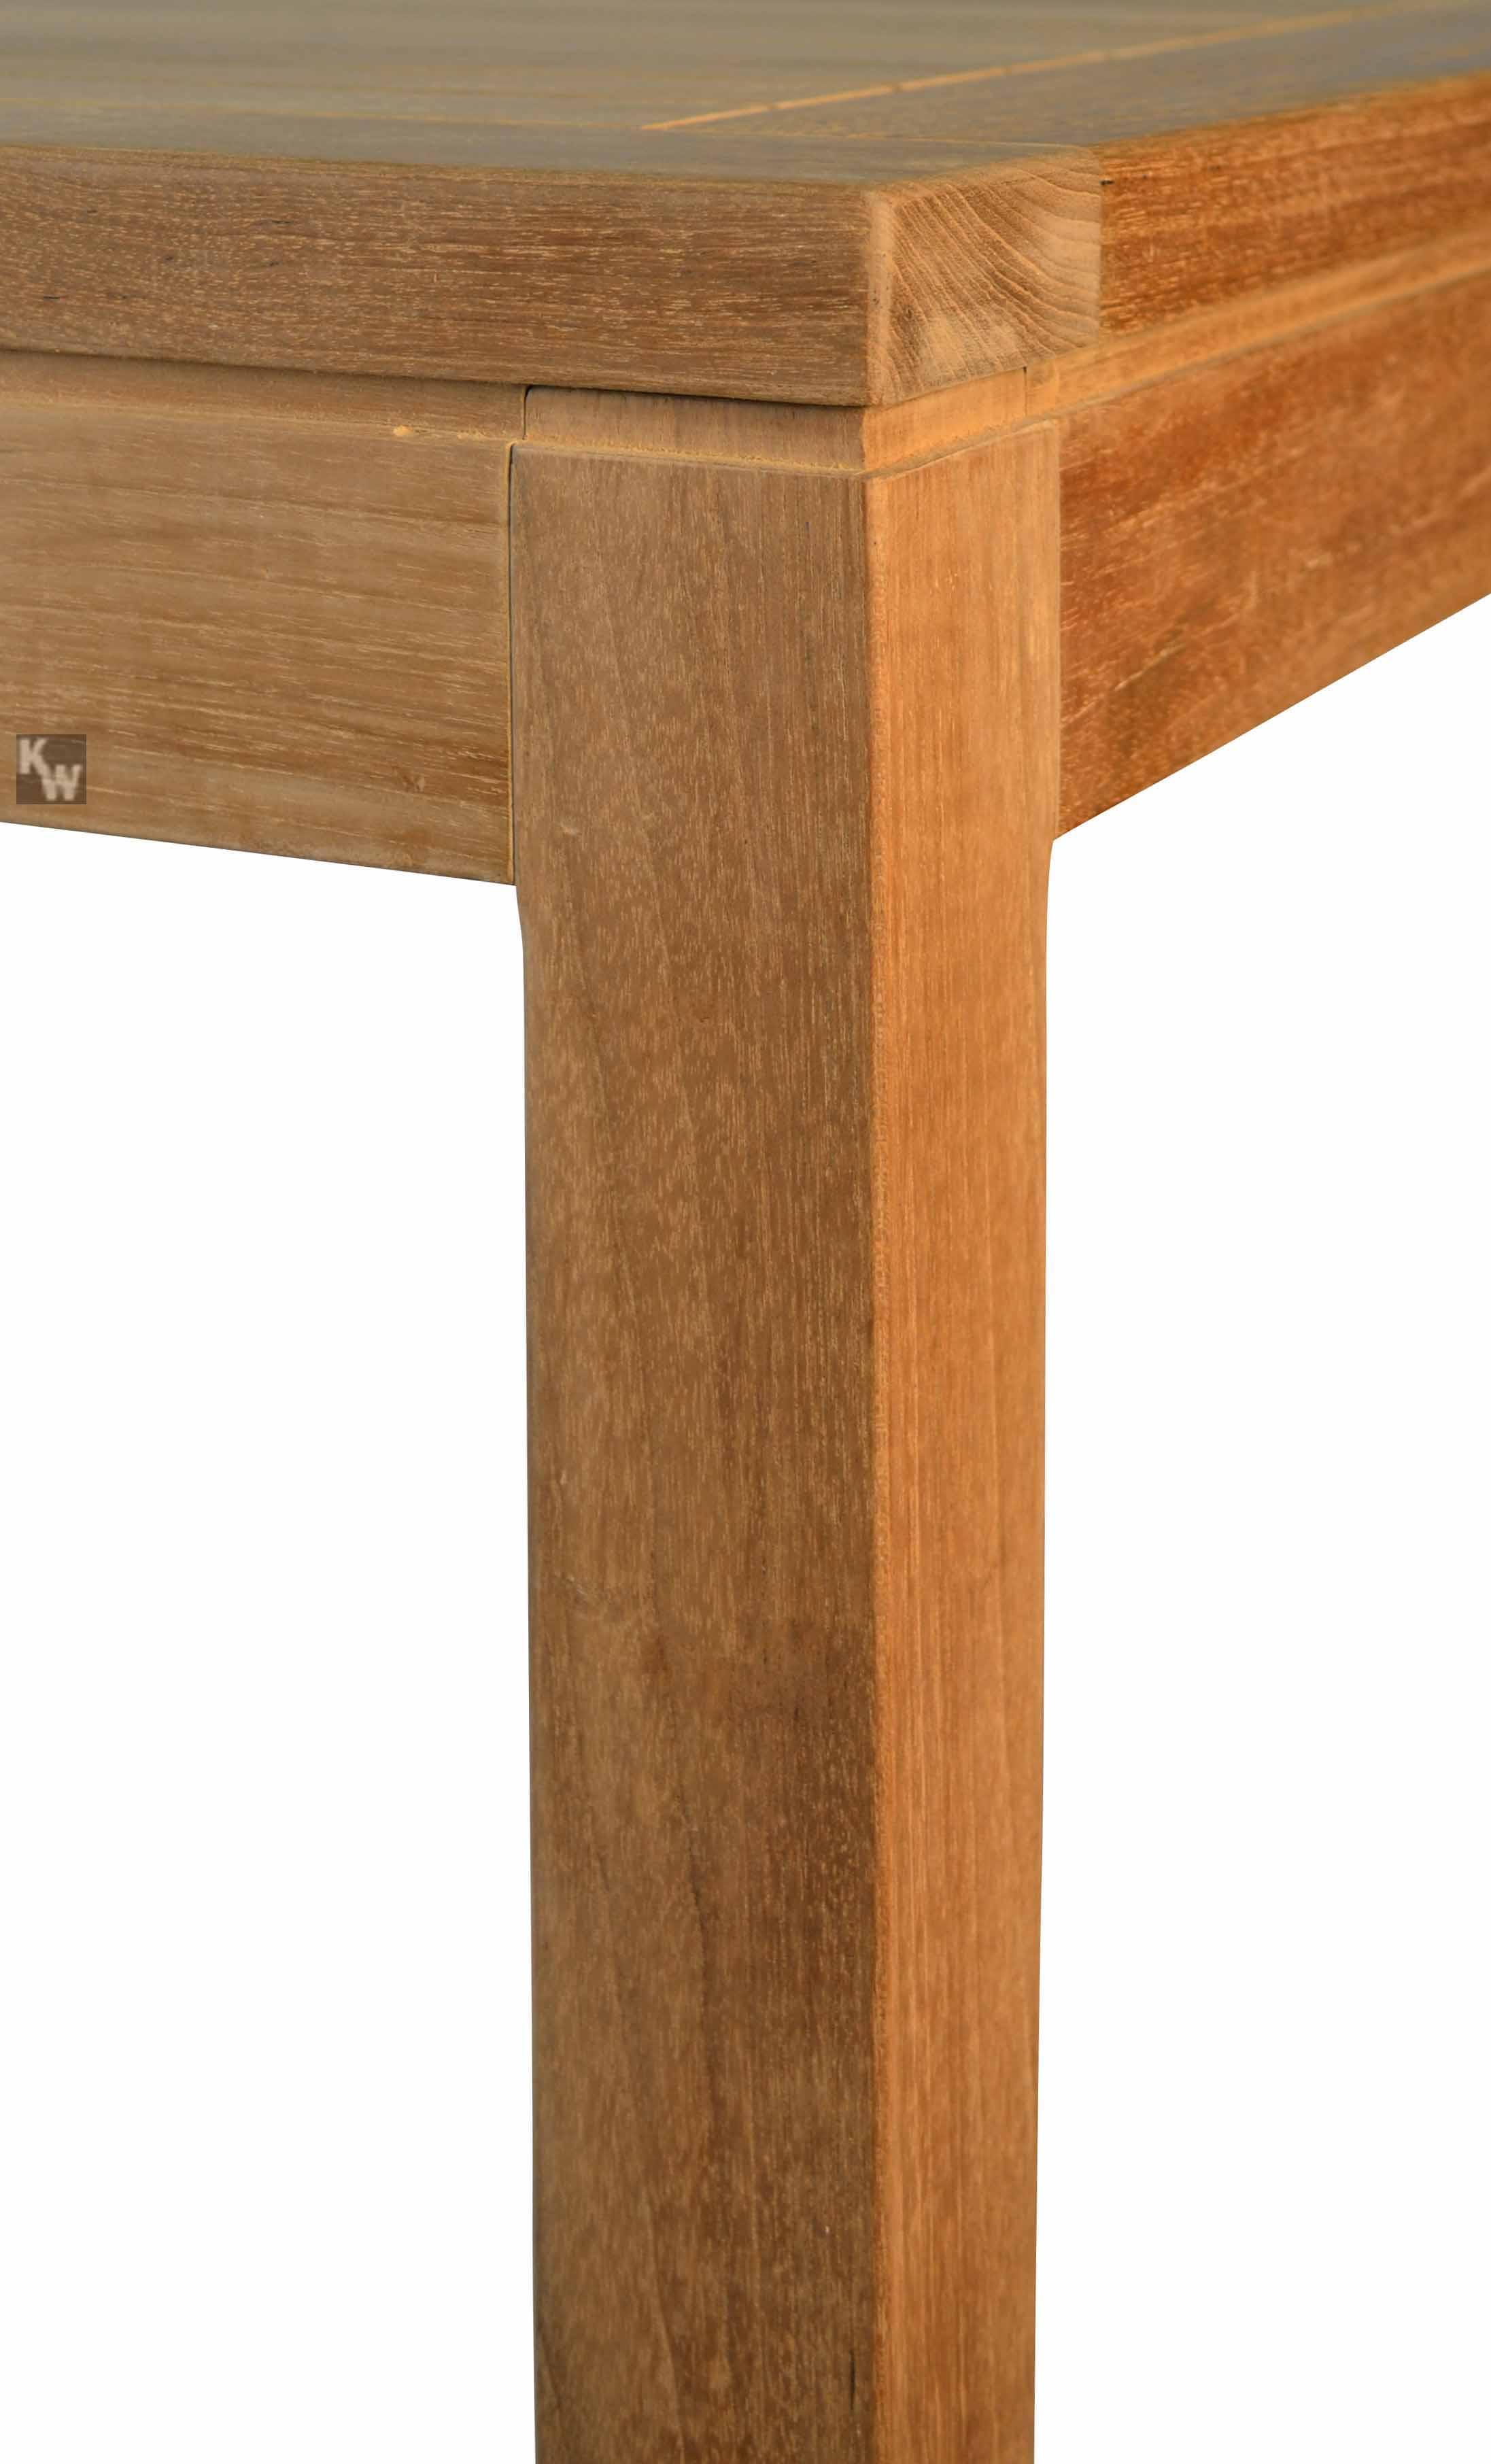 tisch notting hill teak gartenm bel von kai. Black Bedroom Furniture Sets. Home Design Ideas